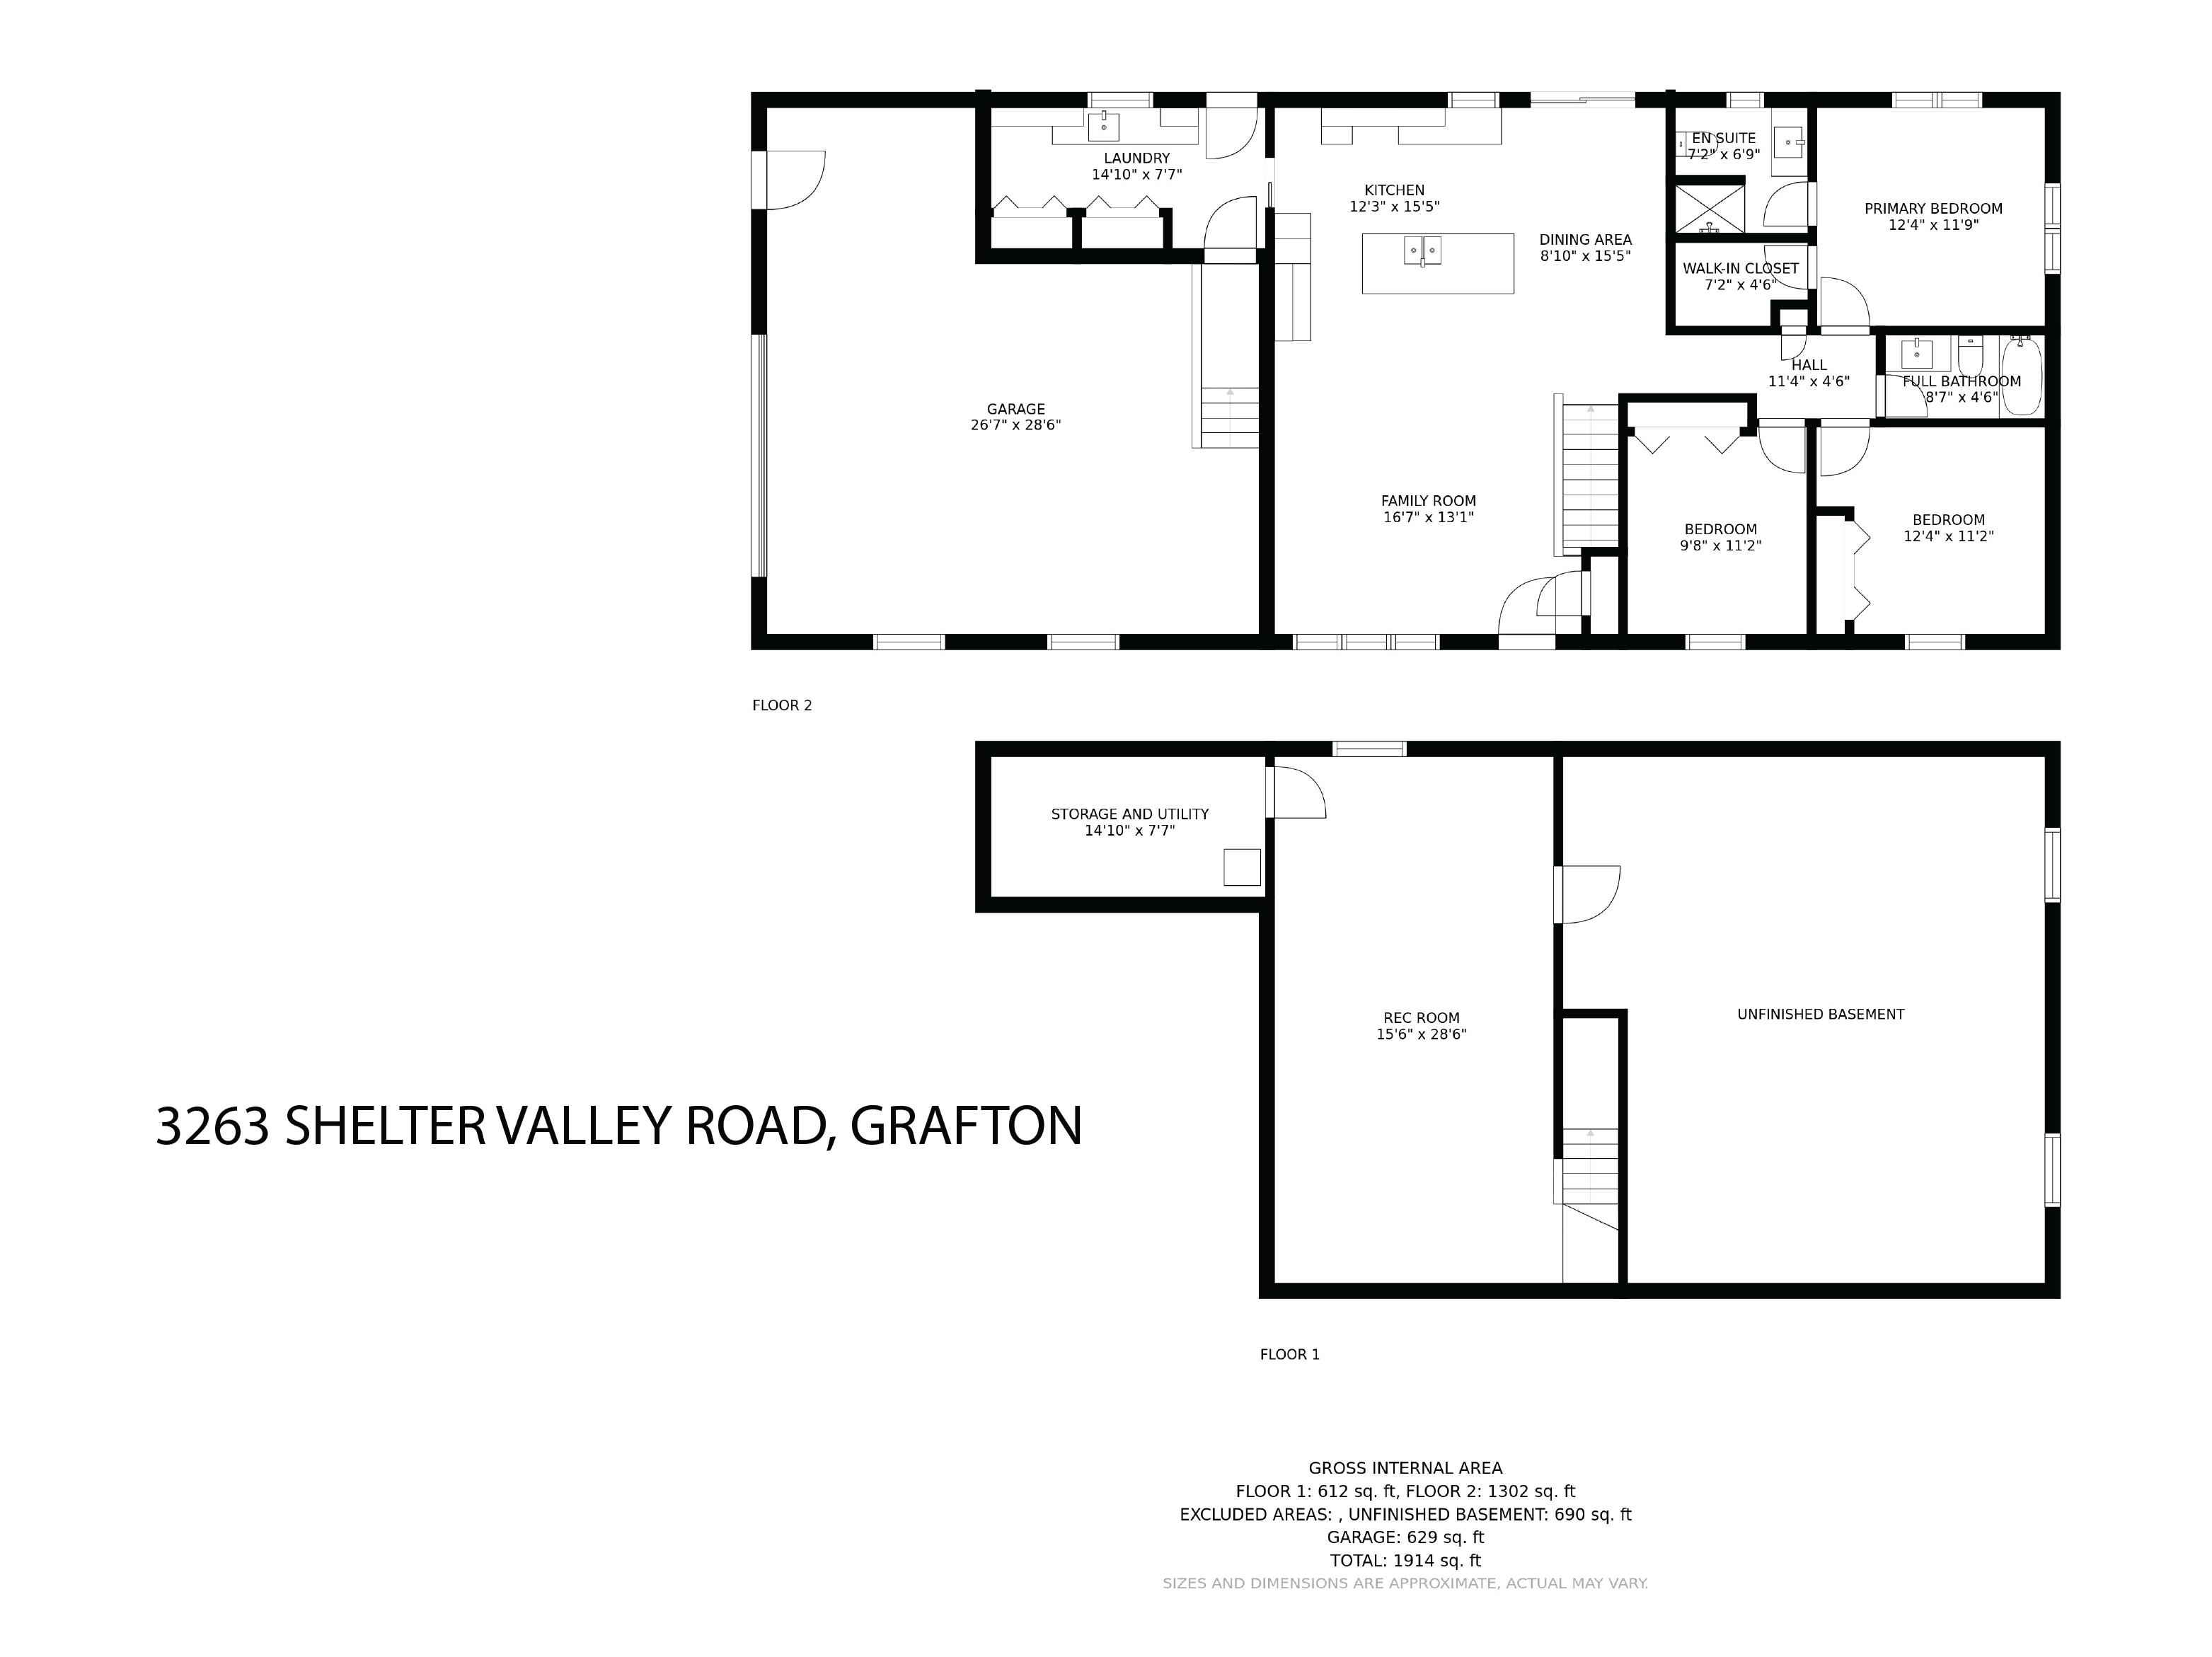 3263 Shelter Valley Road floorplan